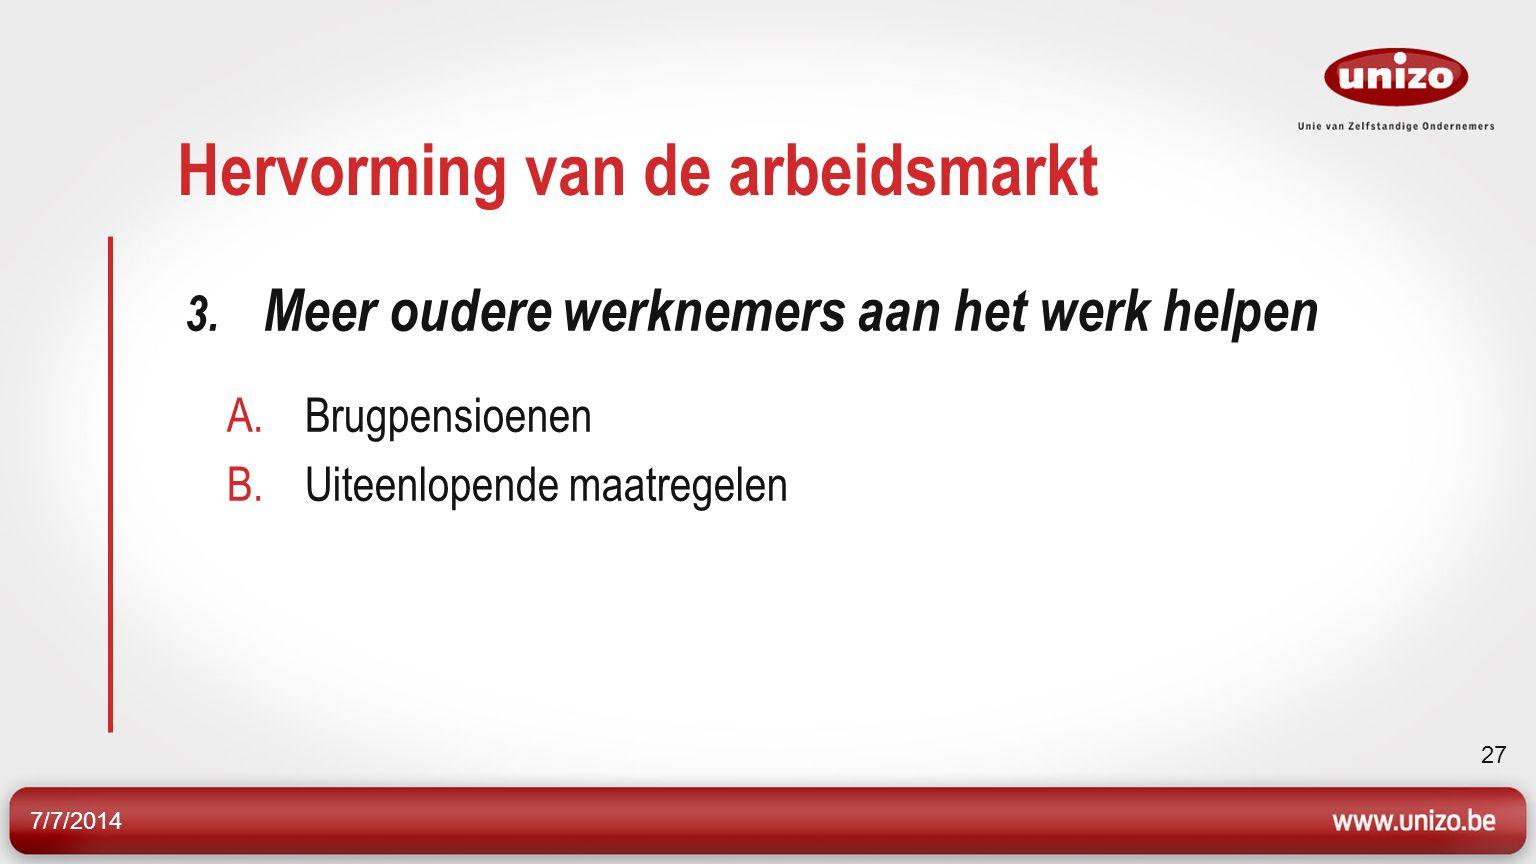 7/7/2014 28 Hervorming van de arbeidsmarkt Brugpensioenen Werkloosheid met bedrijfstoeslag Strengere toegangsvoorwaarden Herzien van de gelijkstellingsregels m.o.o.